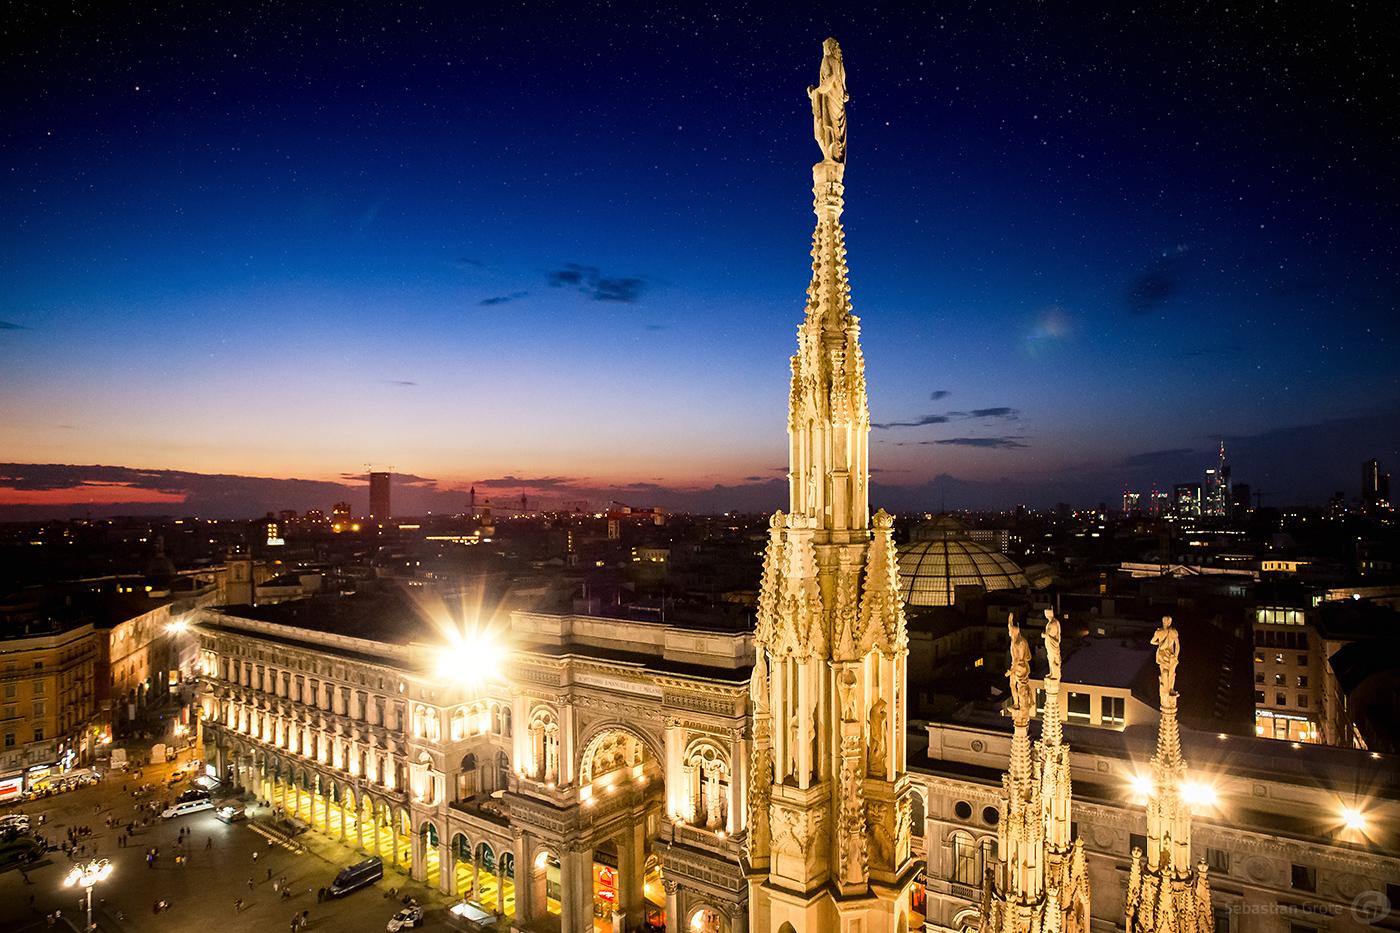 Mailand 1 Duomo di Milano